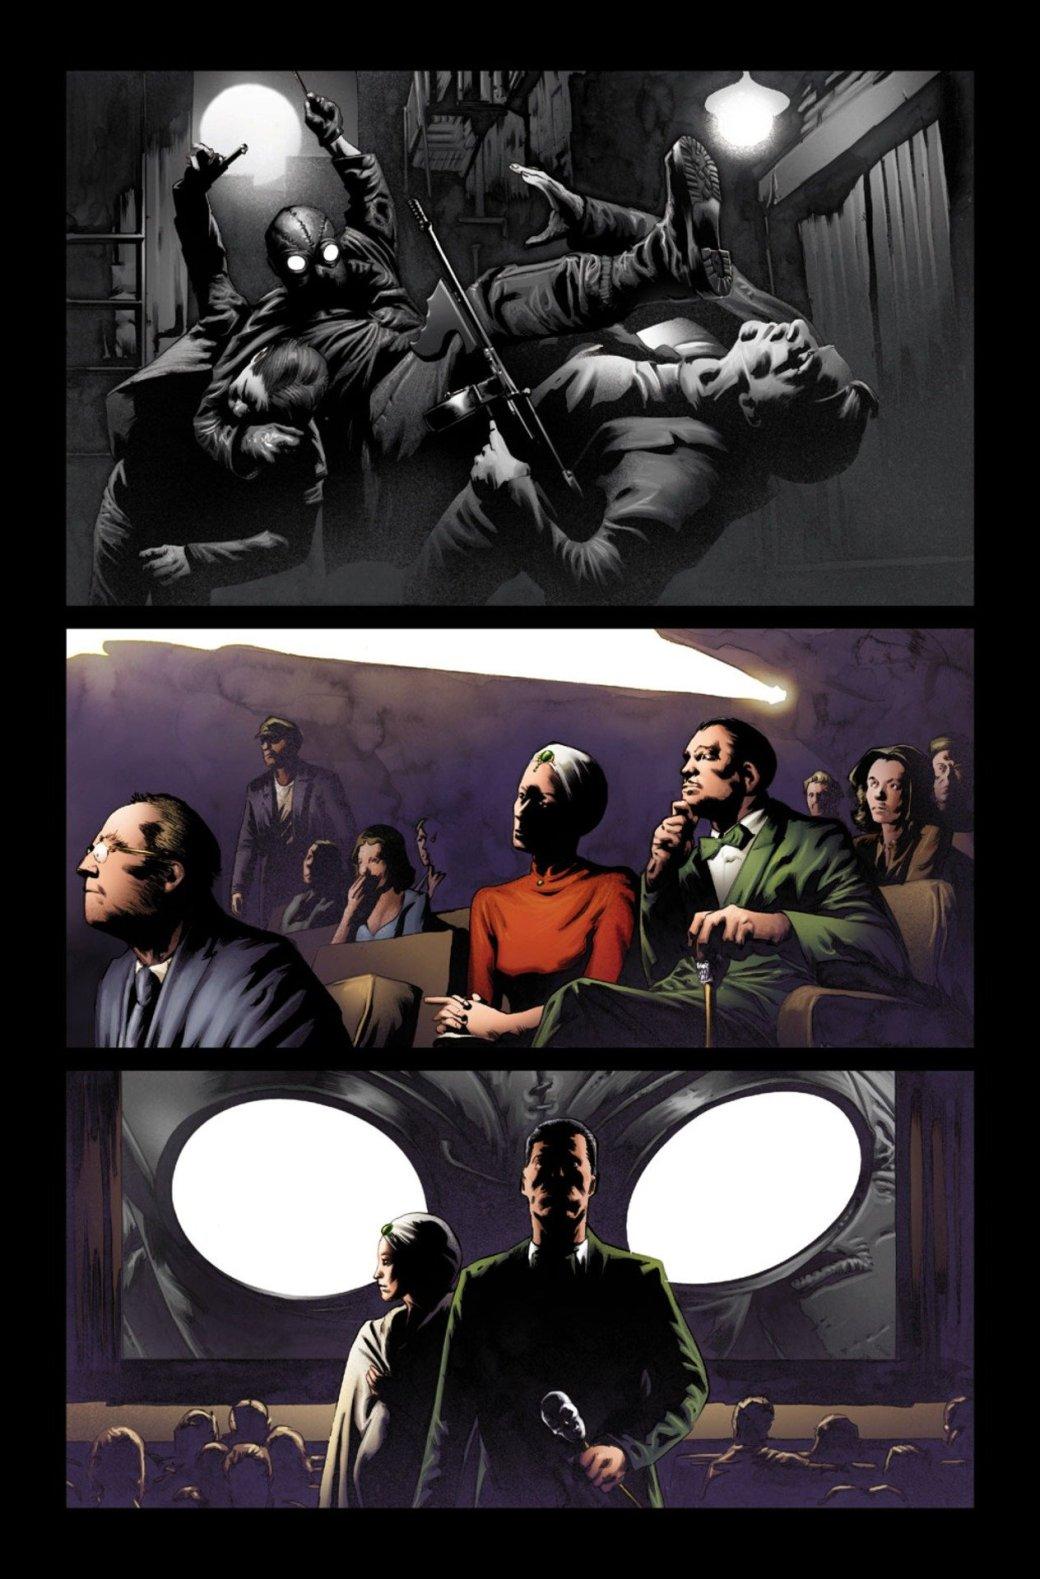 Легендарные комиксы про Человека-паука, которые стоит прочесть. Часть 2 | Канобу - Изображение 5